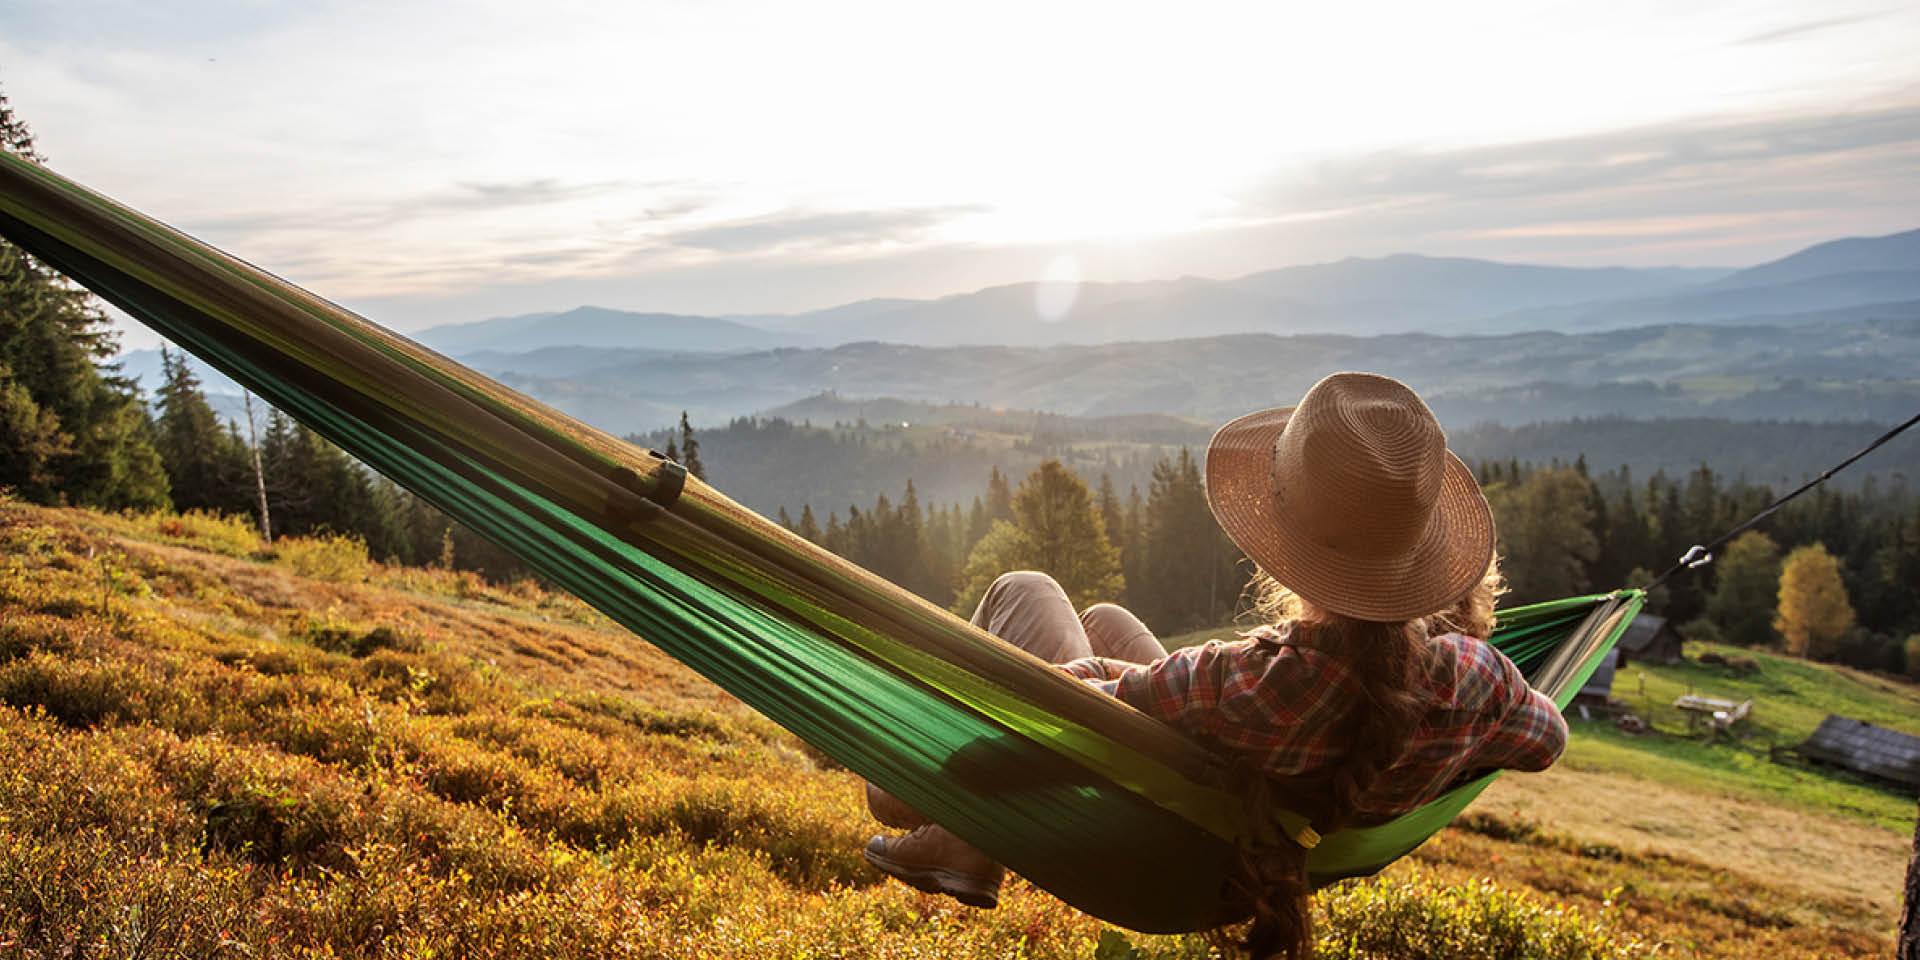 Frau mit Hit sitzt in einer Hängematte und blickt auf ein Berg-Panorama in der Abendsonne